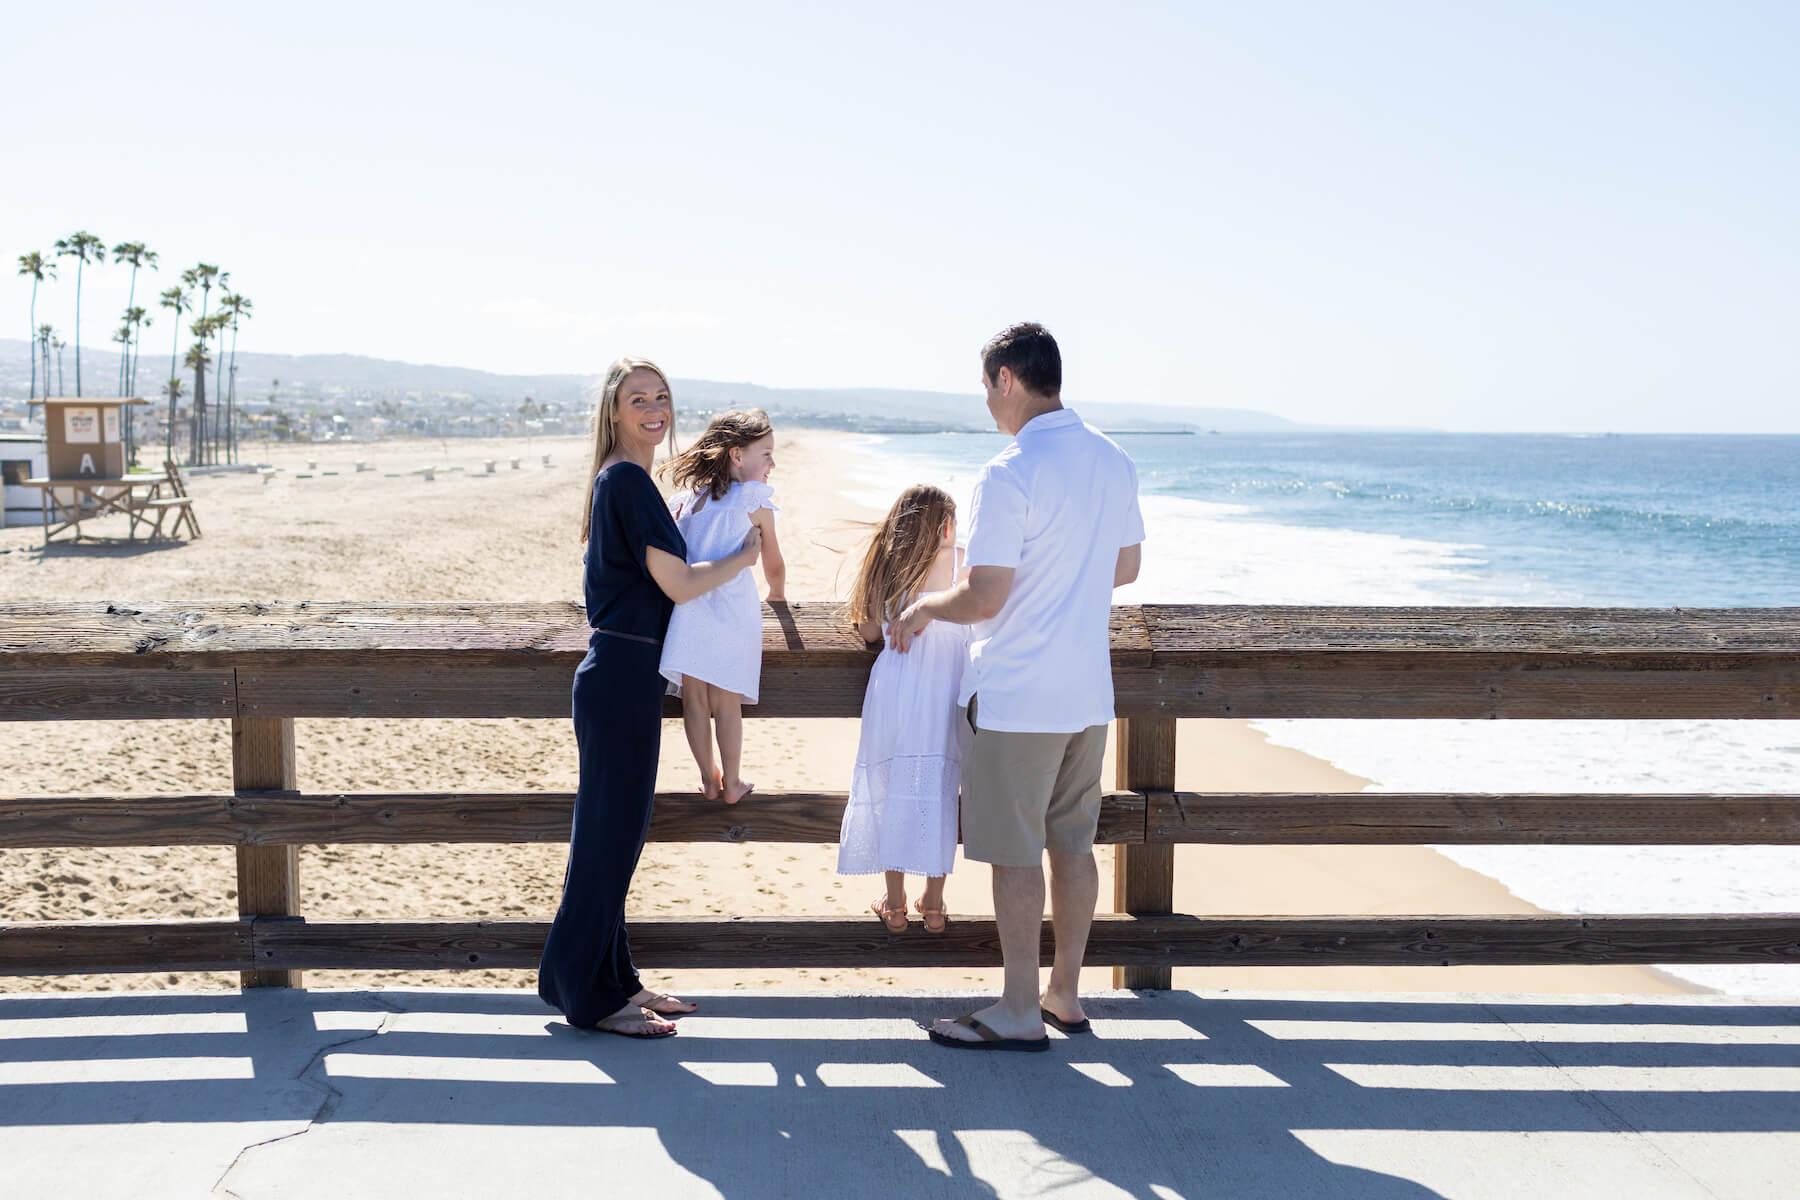 newport-beach-05-28-2019-family-trip-28_original